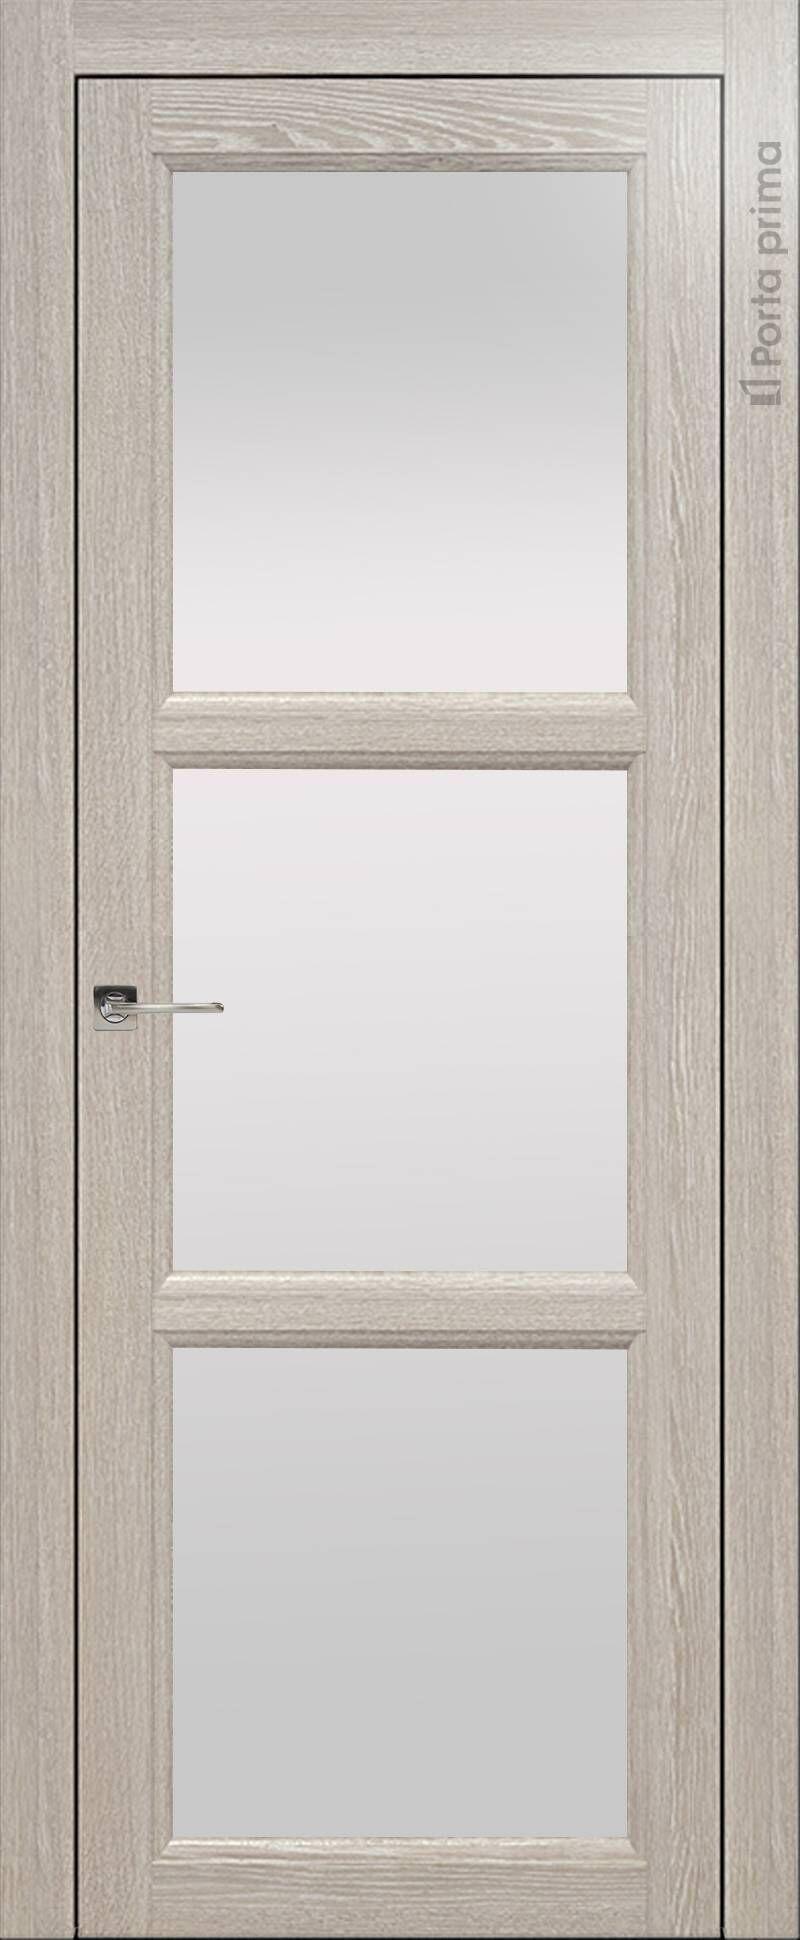 Sorrento-R В2 цвет - Серый дуб Со стеклом (ДО)